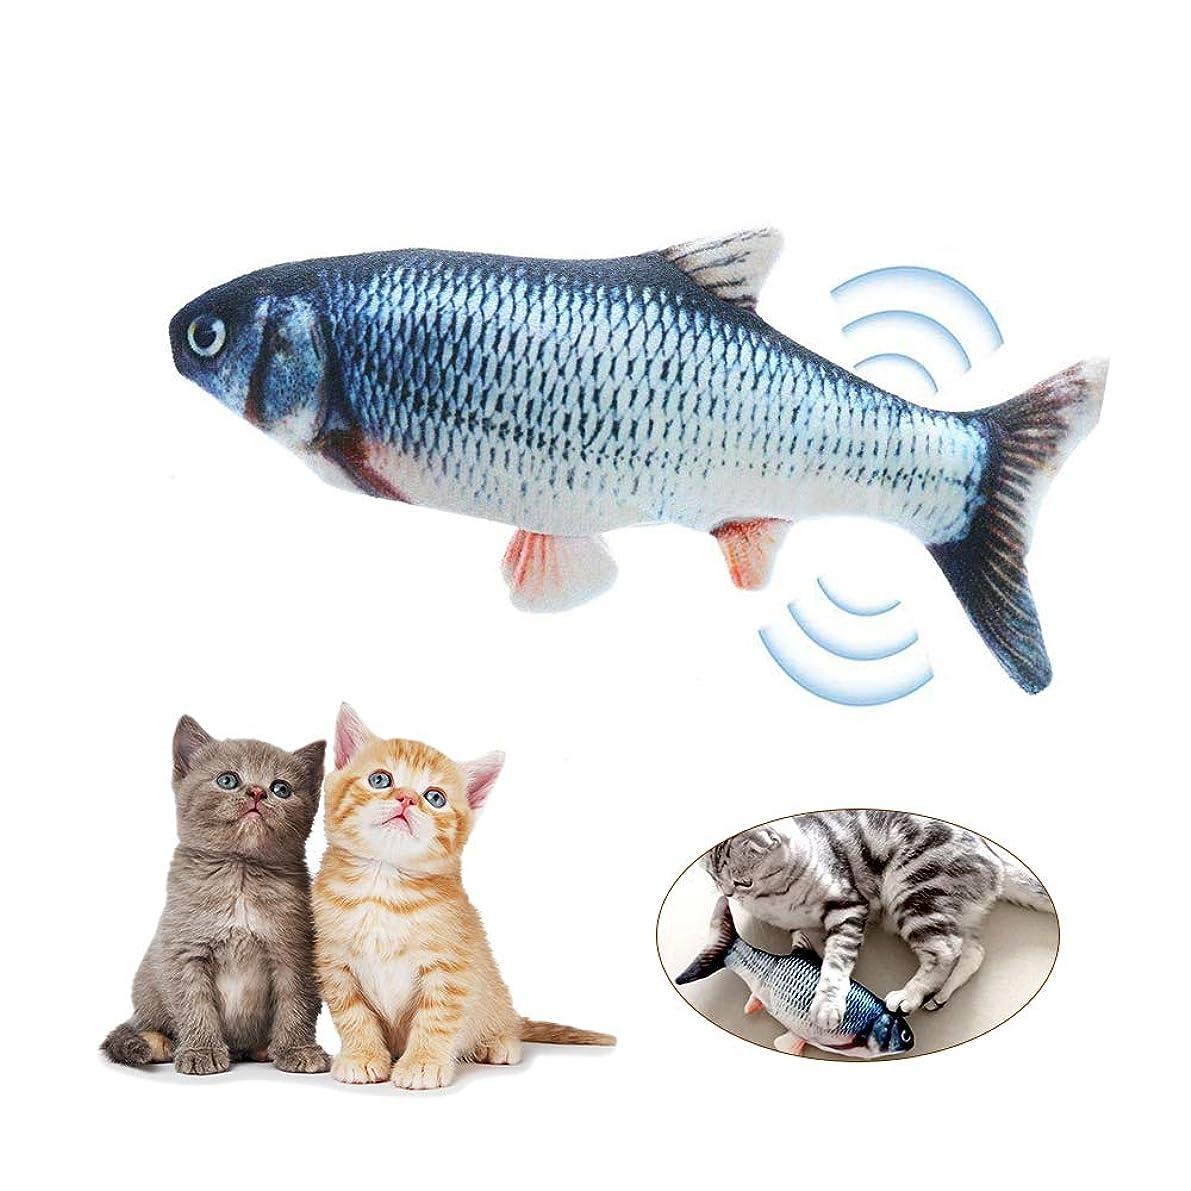 うめき声満たす合併症Benkeg 電気USB充電シミュレーション魚猫のおもちゃおかしいインタラクティブペット猫キャットニップおもちゃ猫用キティ子猫にぴったり噛む噛む蹴る